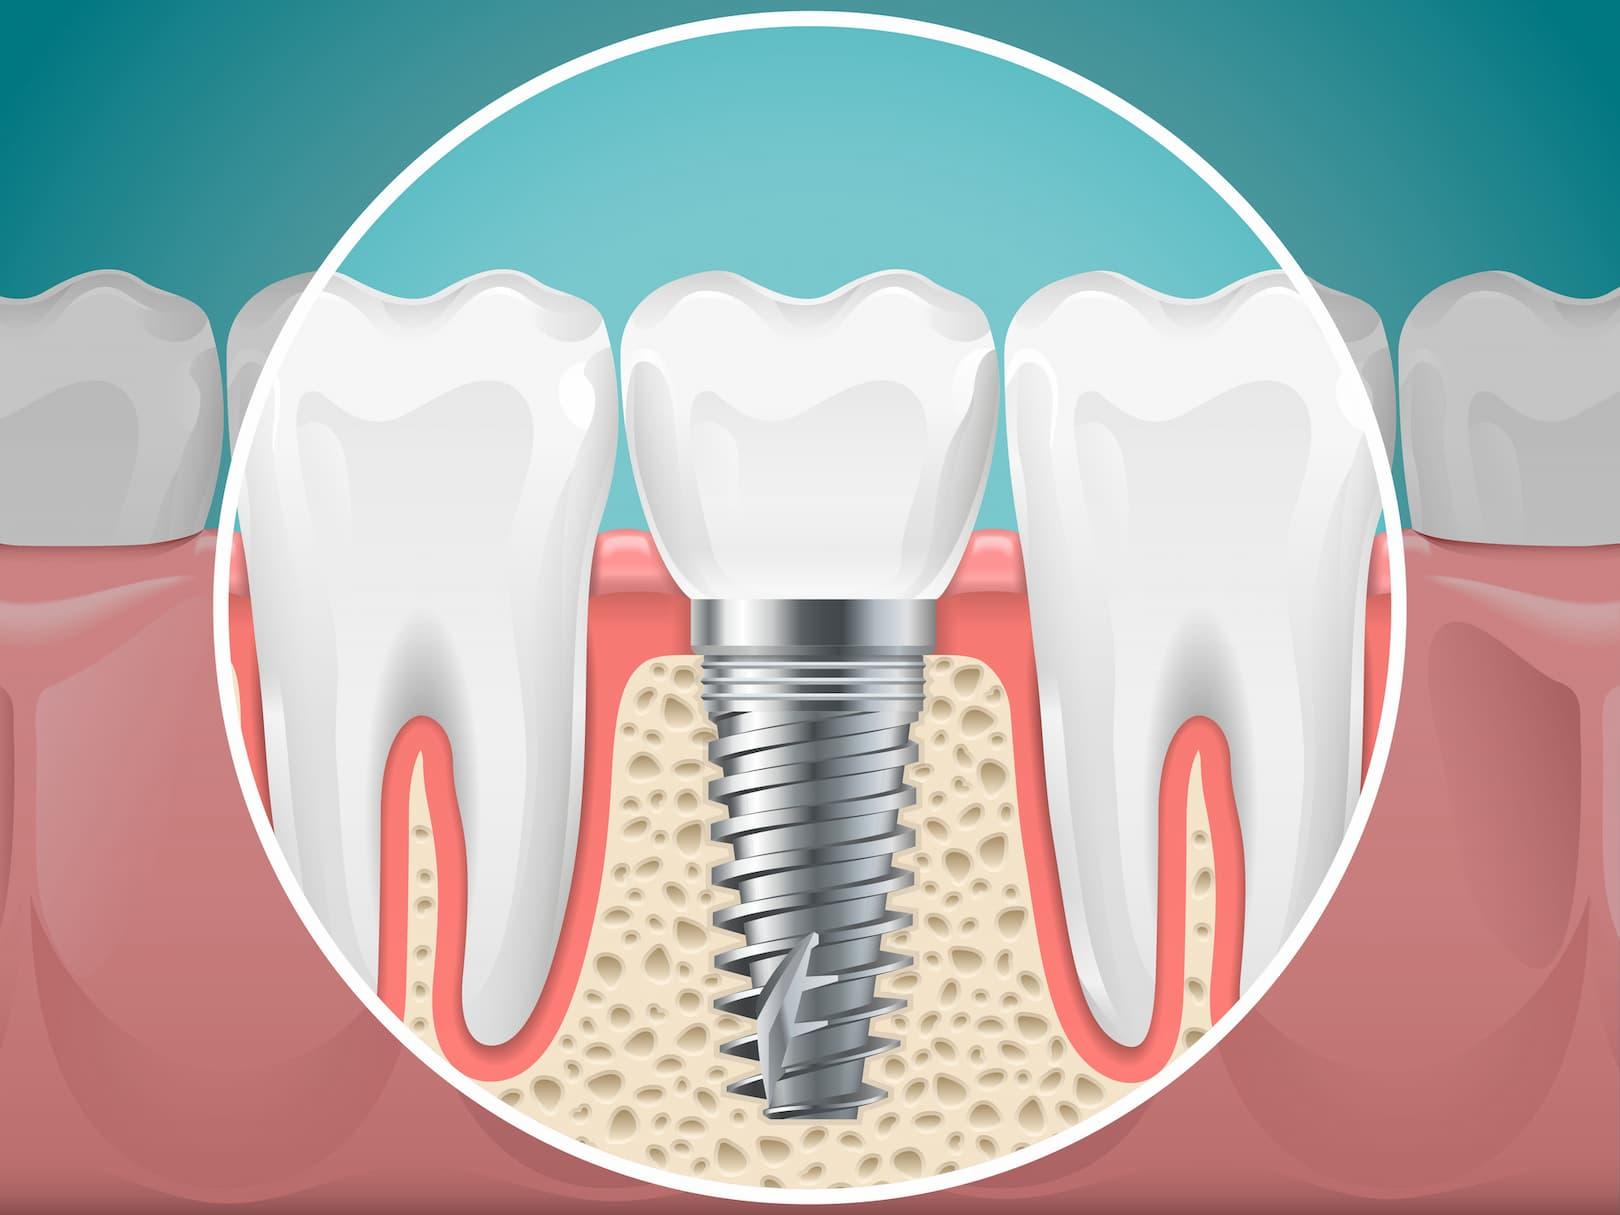 Implants dentaires, kystes, dents incluses, orthodontie... Les applications du cone beam sont nombreuses.